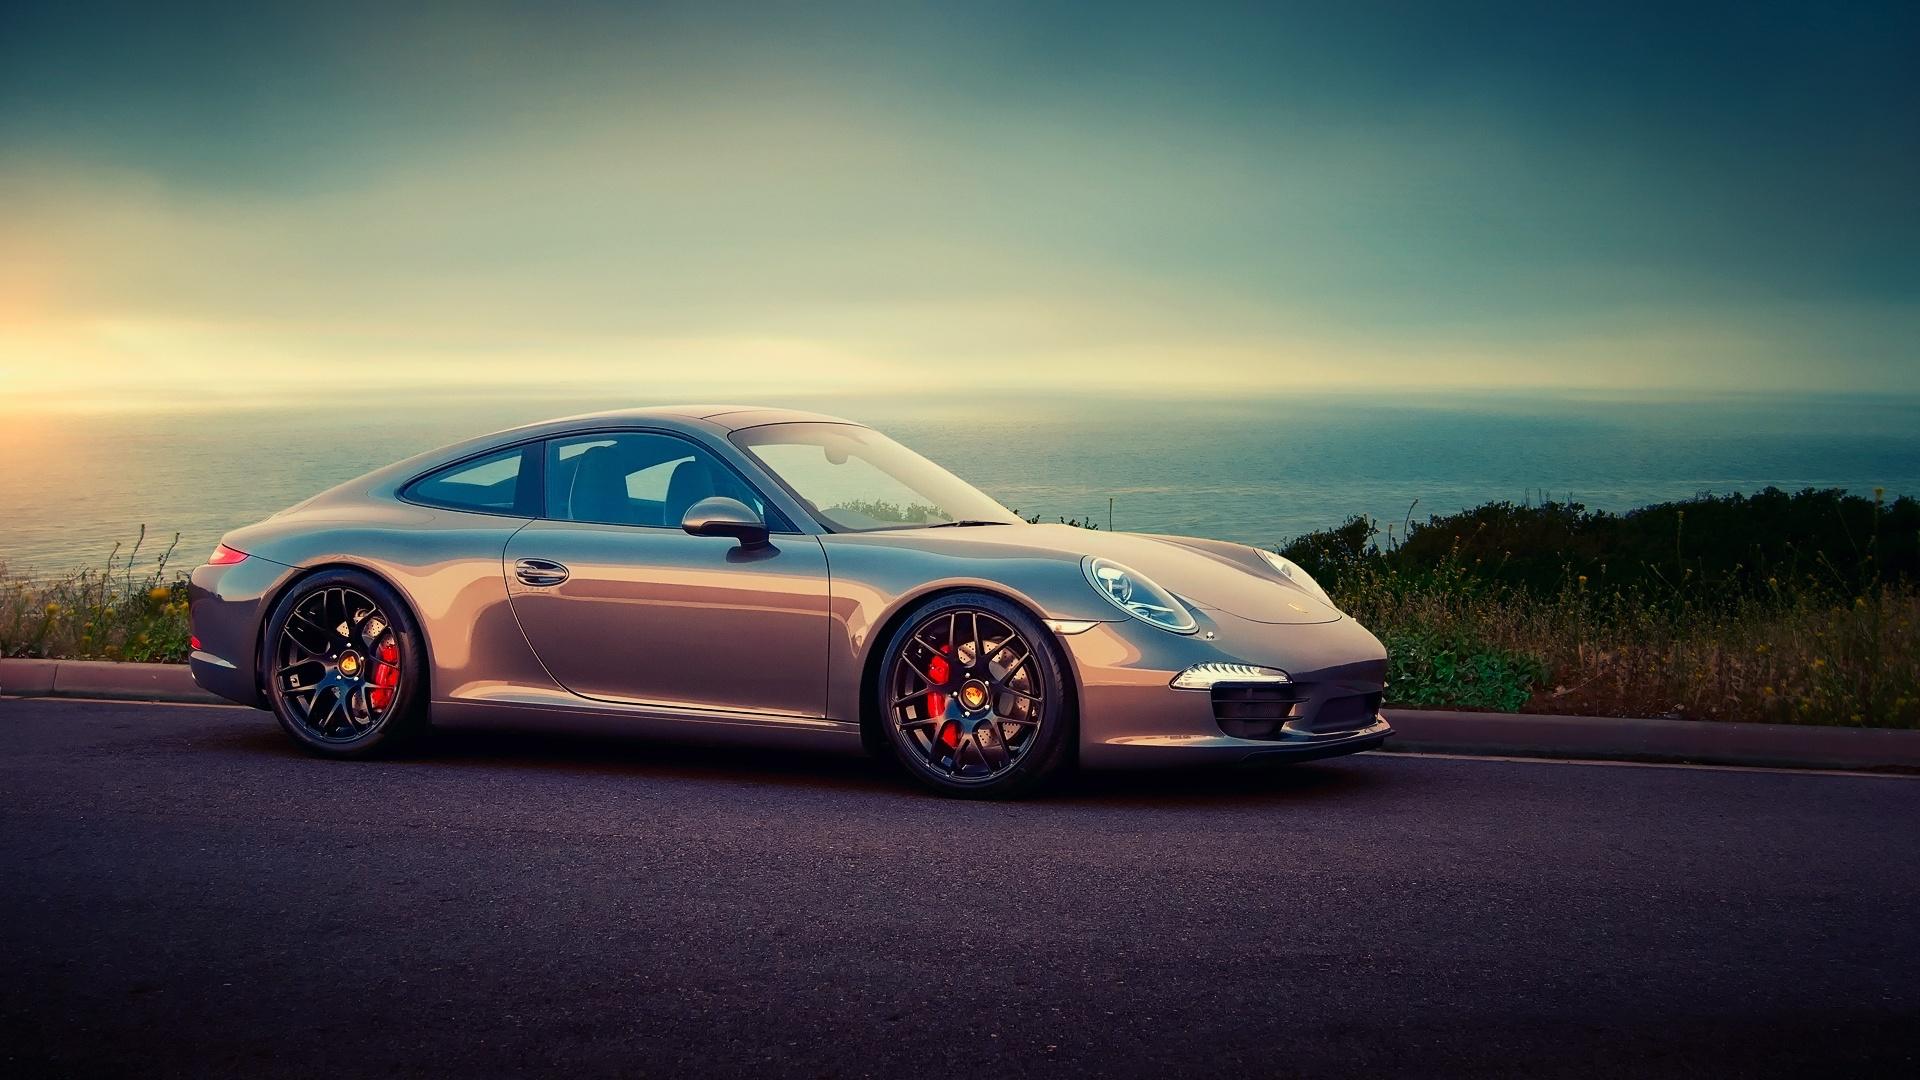 Wallpaper Porsche Hd Gratuit 224 T 233 L 233 Charger Sur Ngn Mag